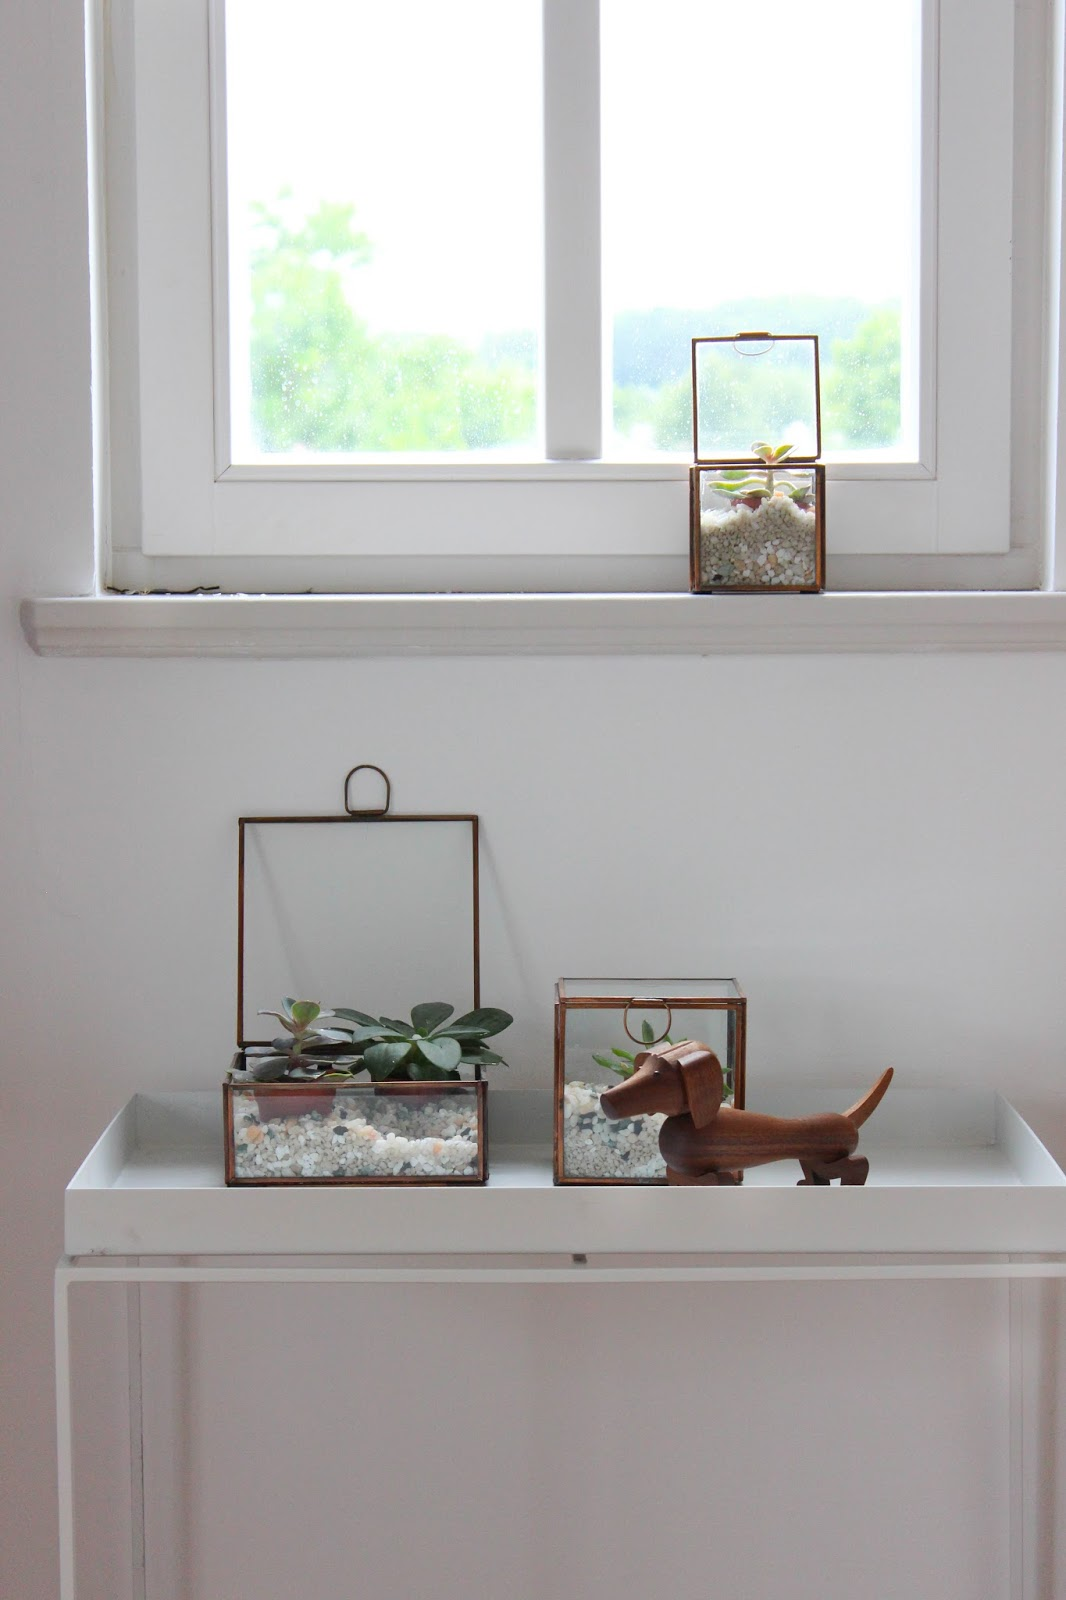 Sukkulenten in glasboxen dekorieren erste bilder aus der for Dekorieren der wohnung